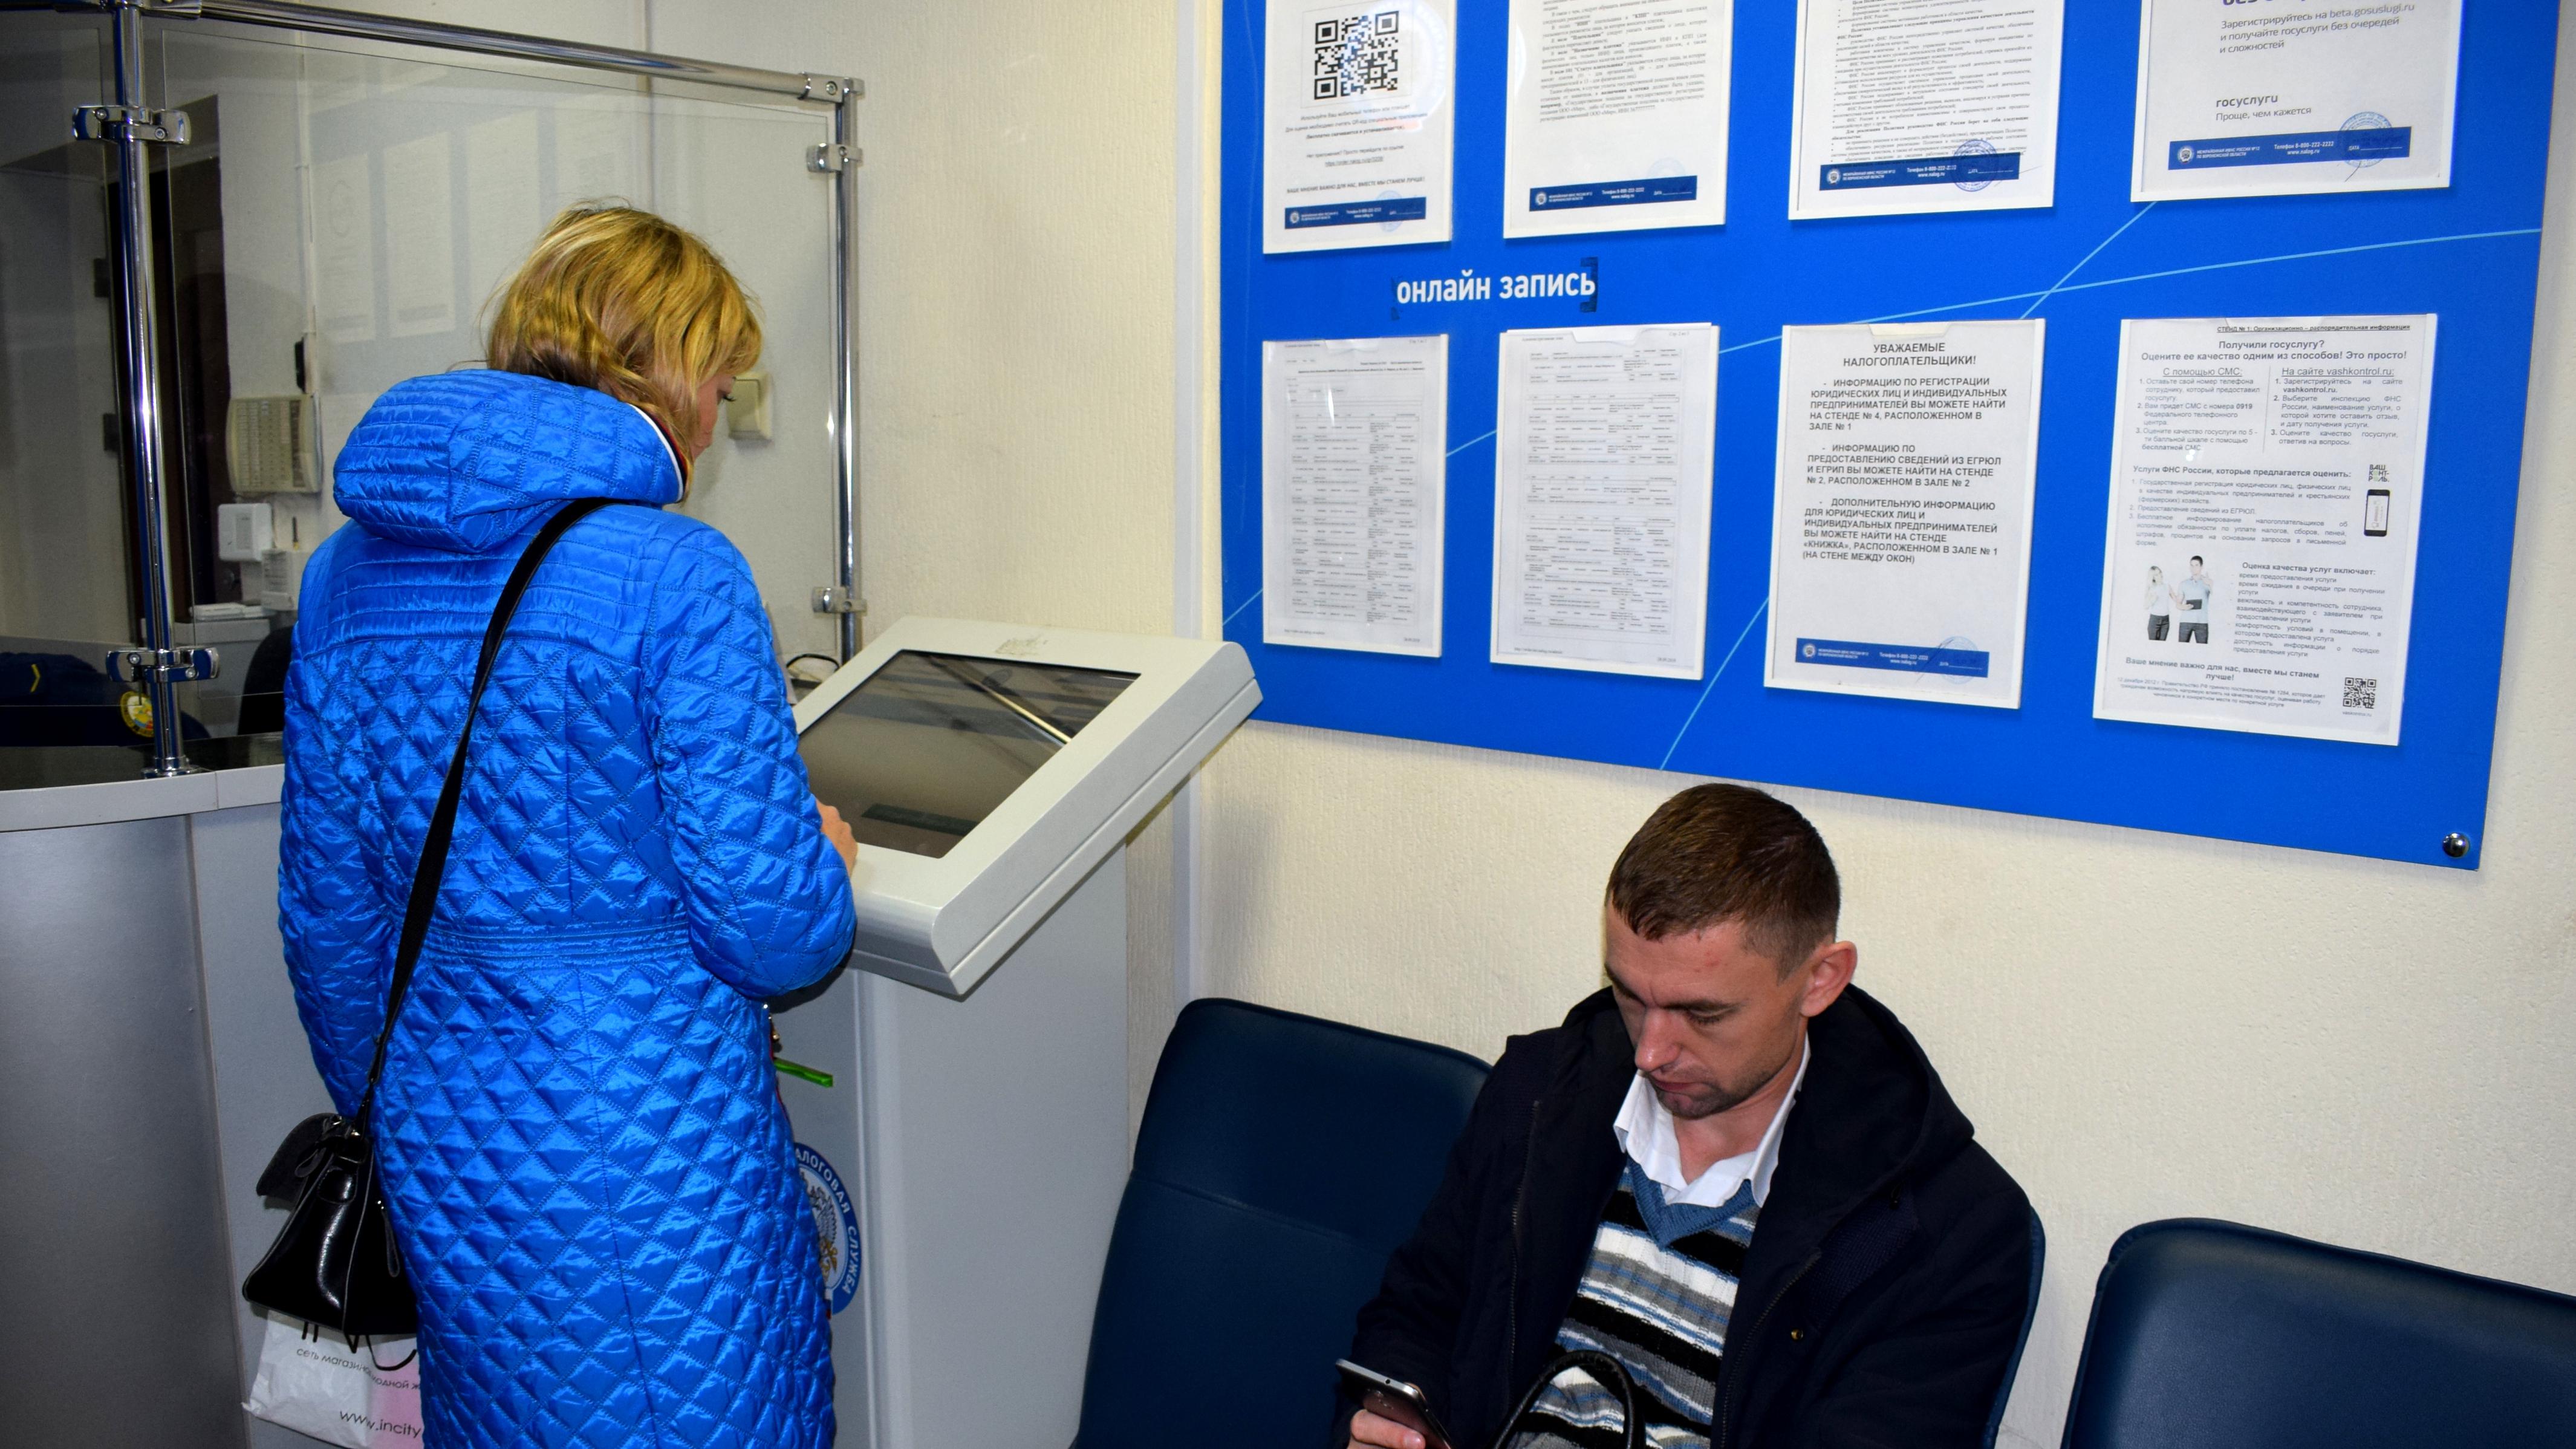 Налоговая регистрация ооо воронеж открыть расчетный счет для ип онлайн